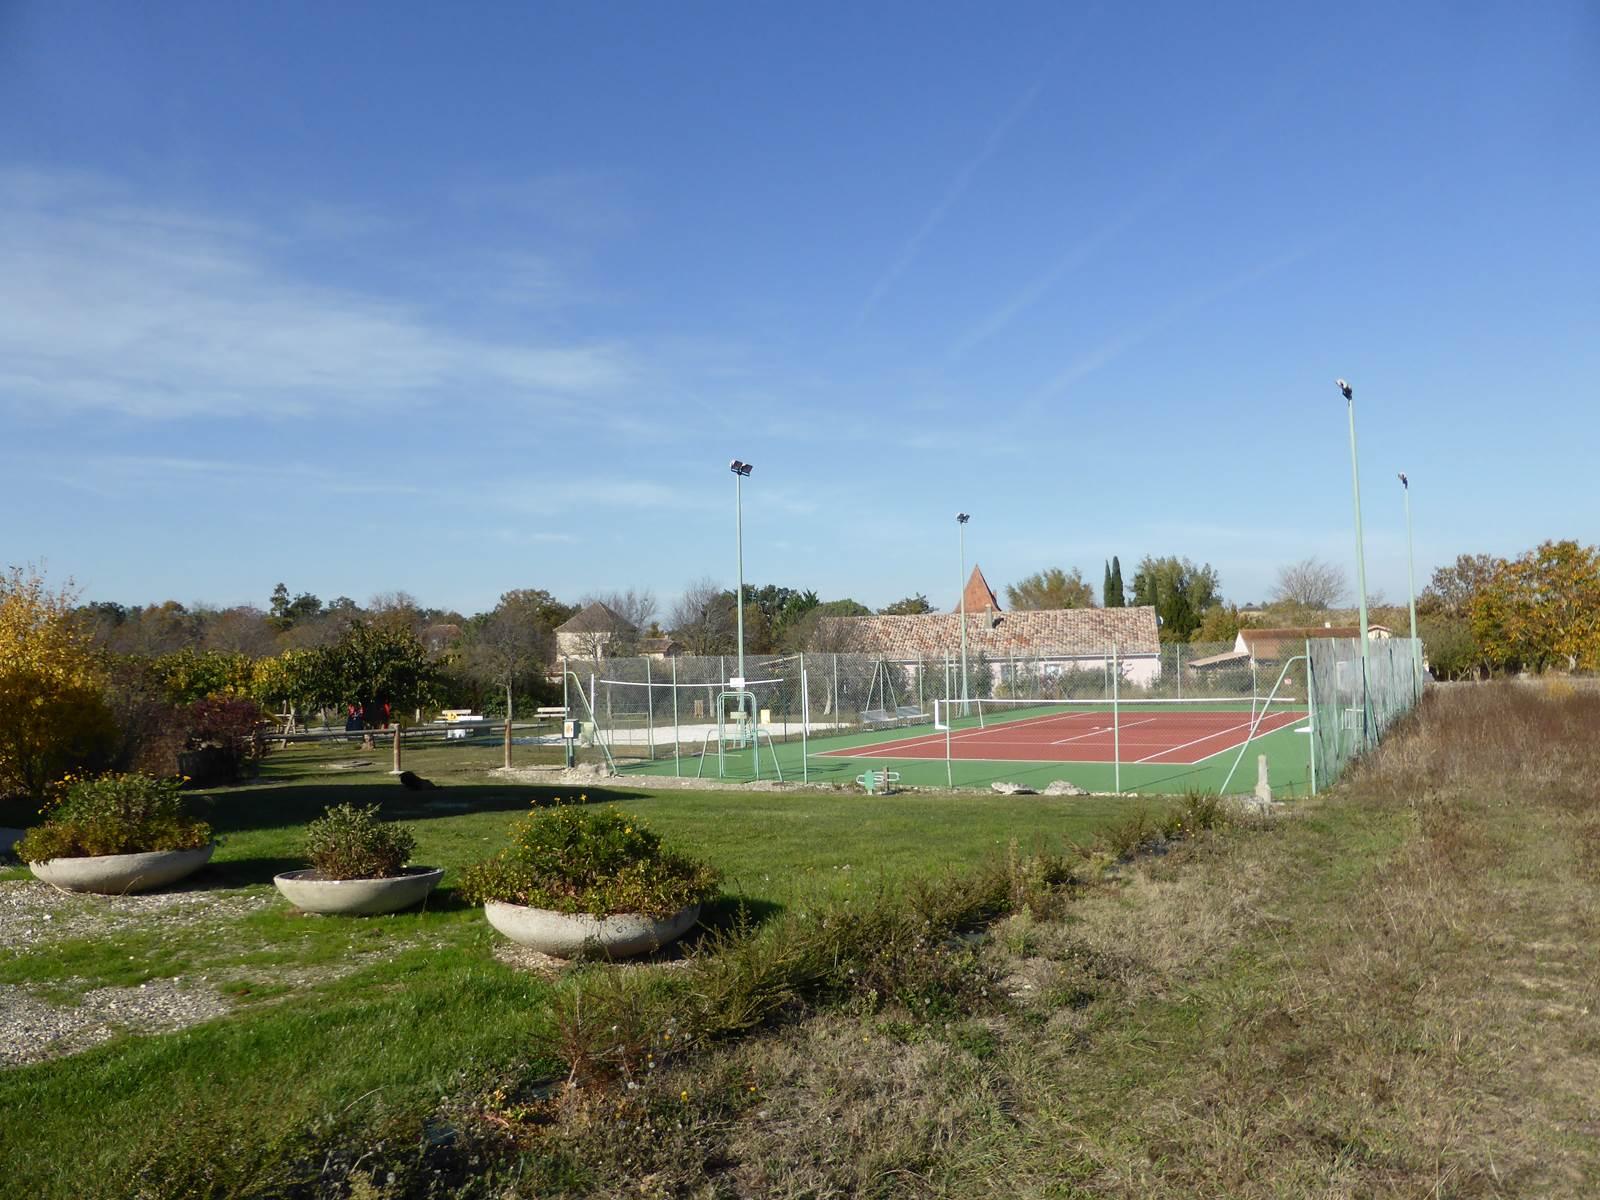 Saint Roch chambres d'hôtes terrain de tennis de volley jeux pour enfants à 200 mètres.jpg